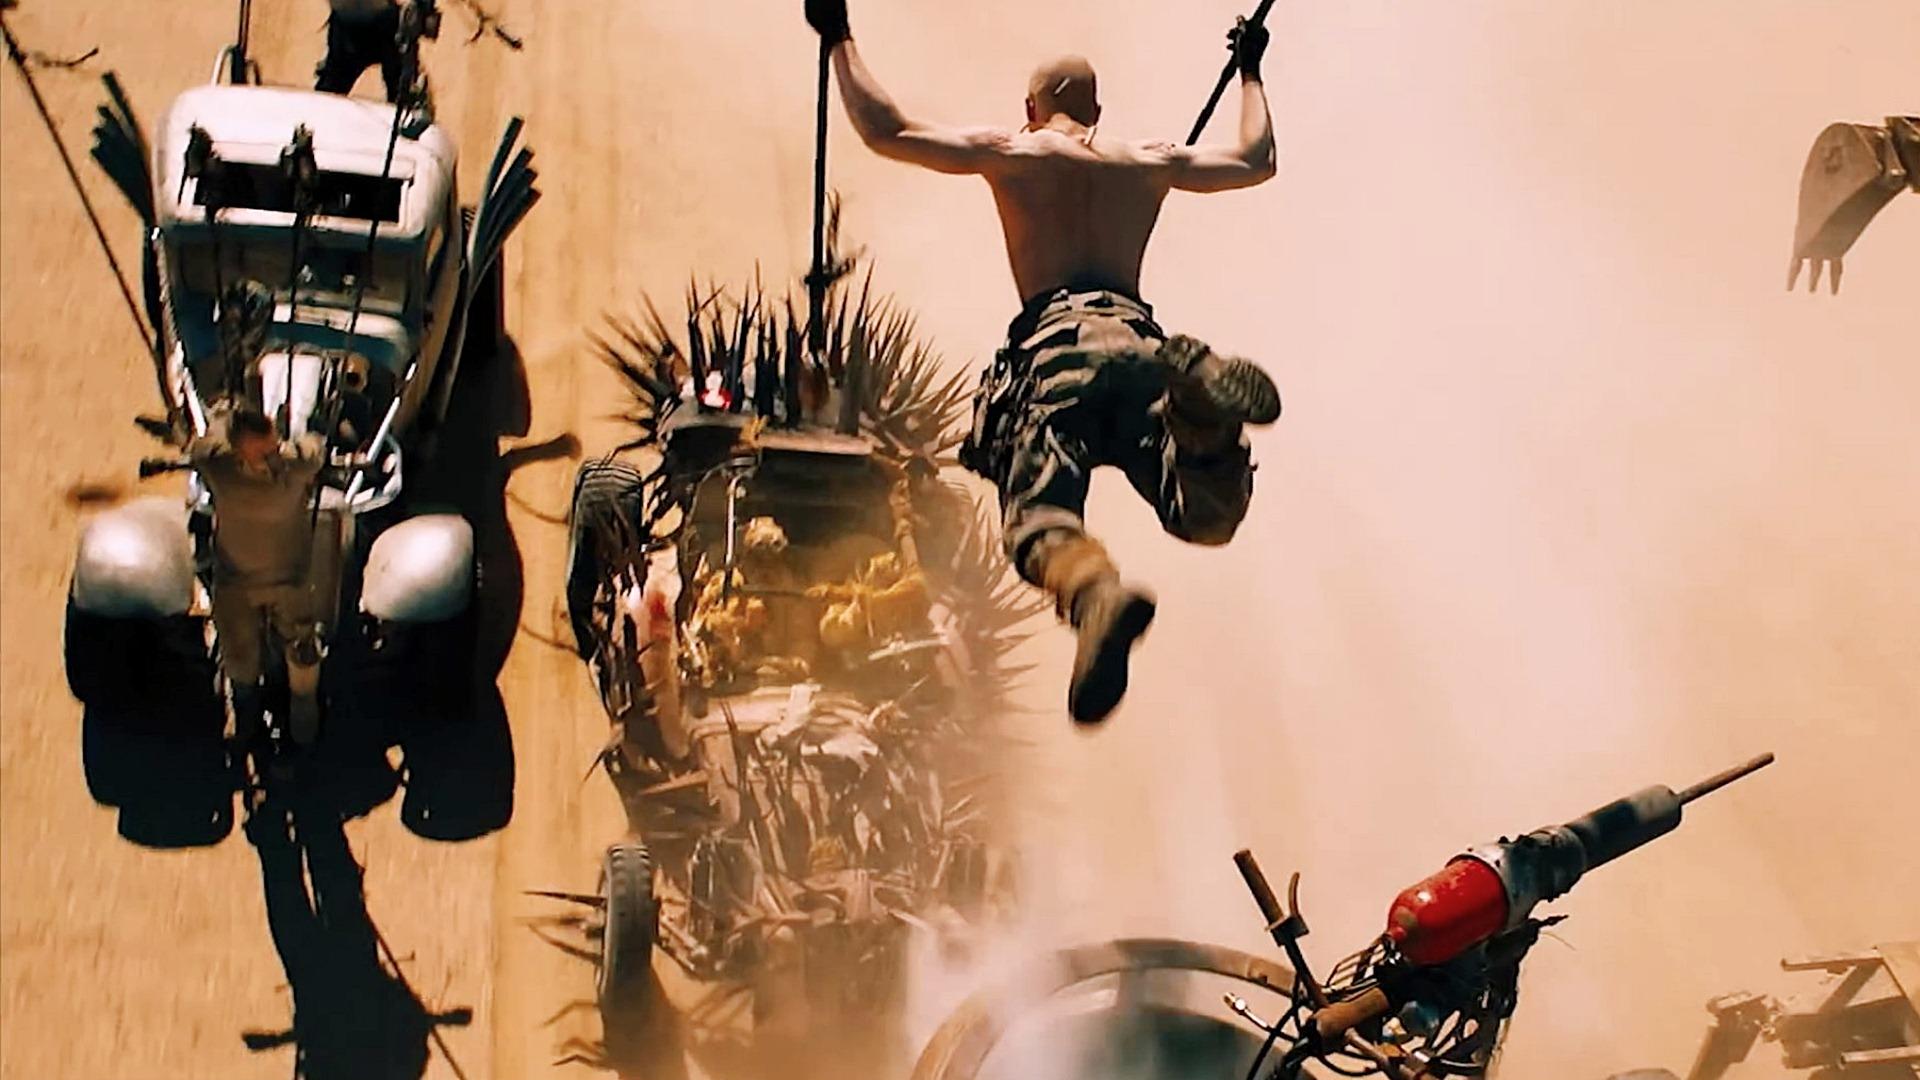 Безумный Макс Дорога ярости (Mad Max Fury Road) отзыв о фильме украински